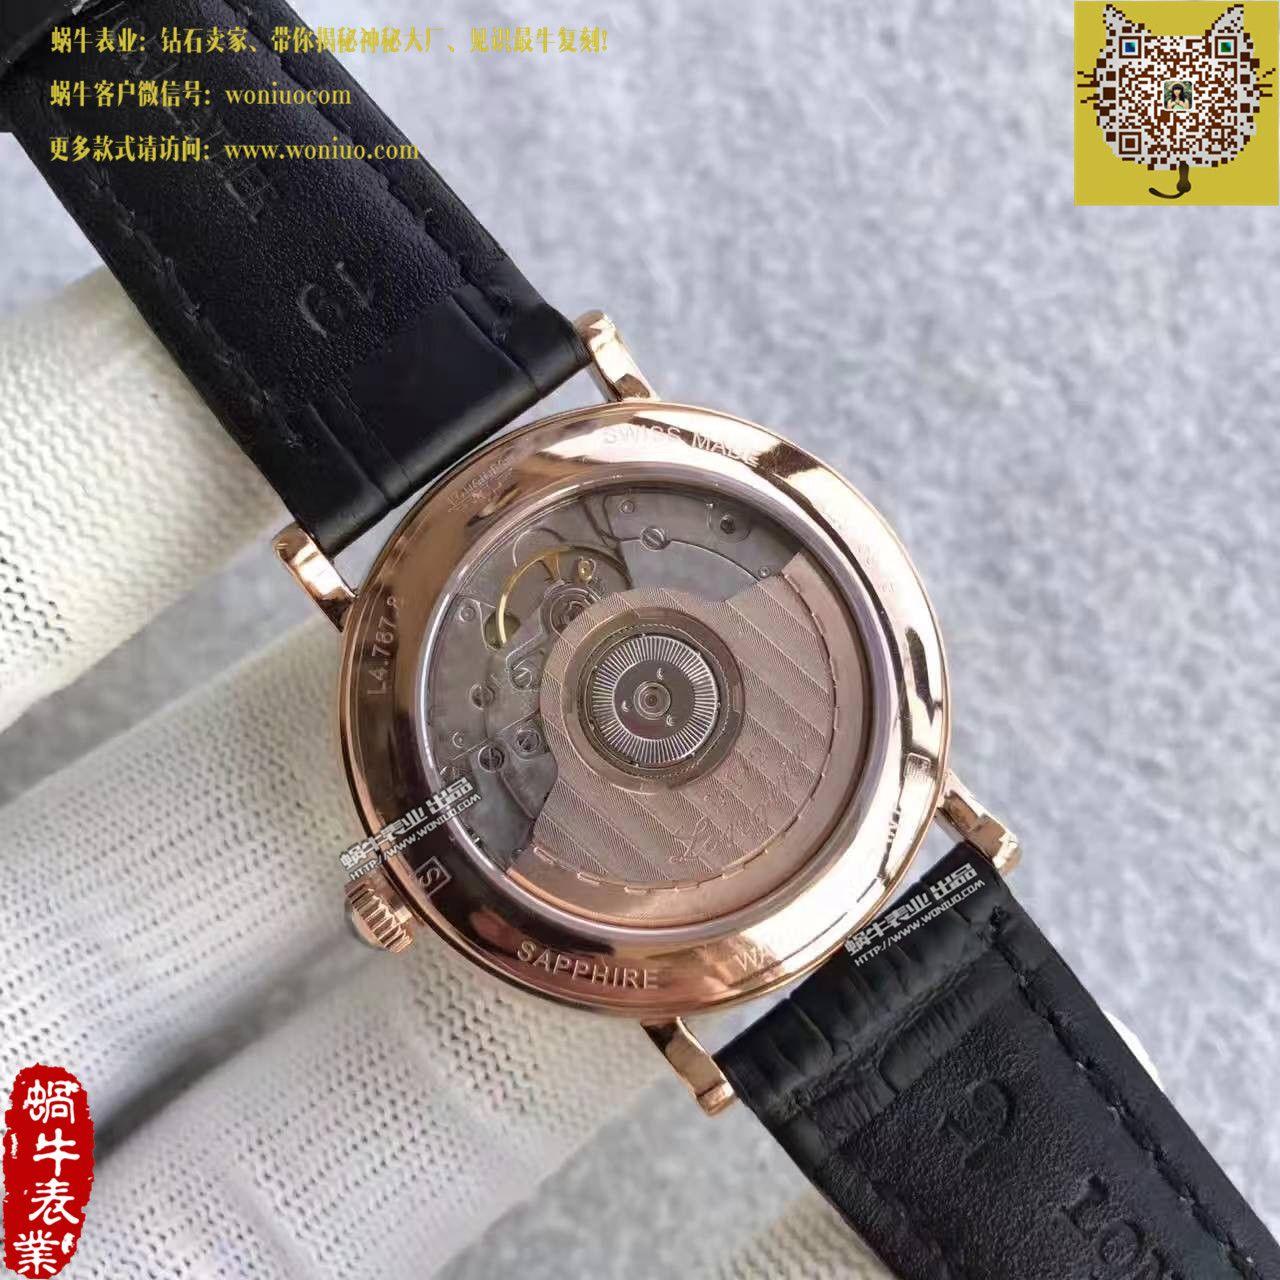 【台湾厂一比一超A高仿手表】浪琴《博雅》优雅系列L4.787.8.11.4腕表